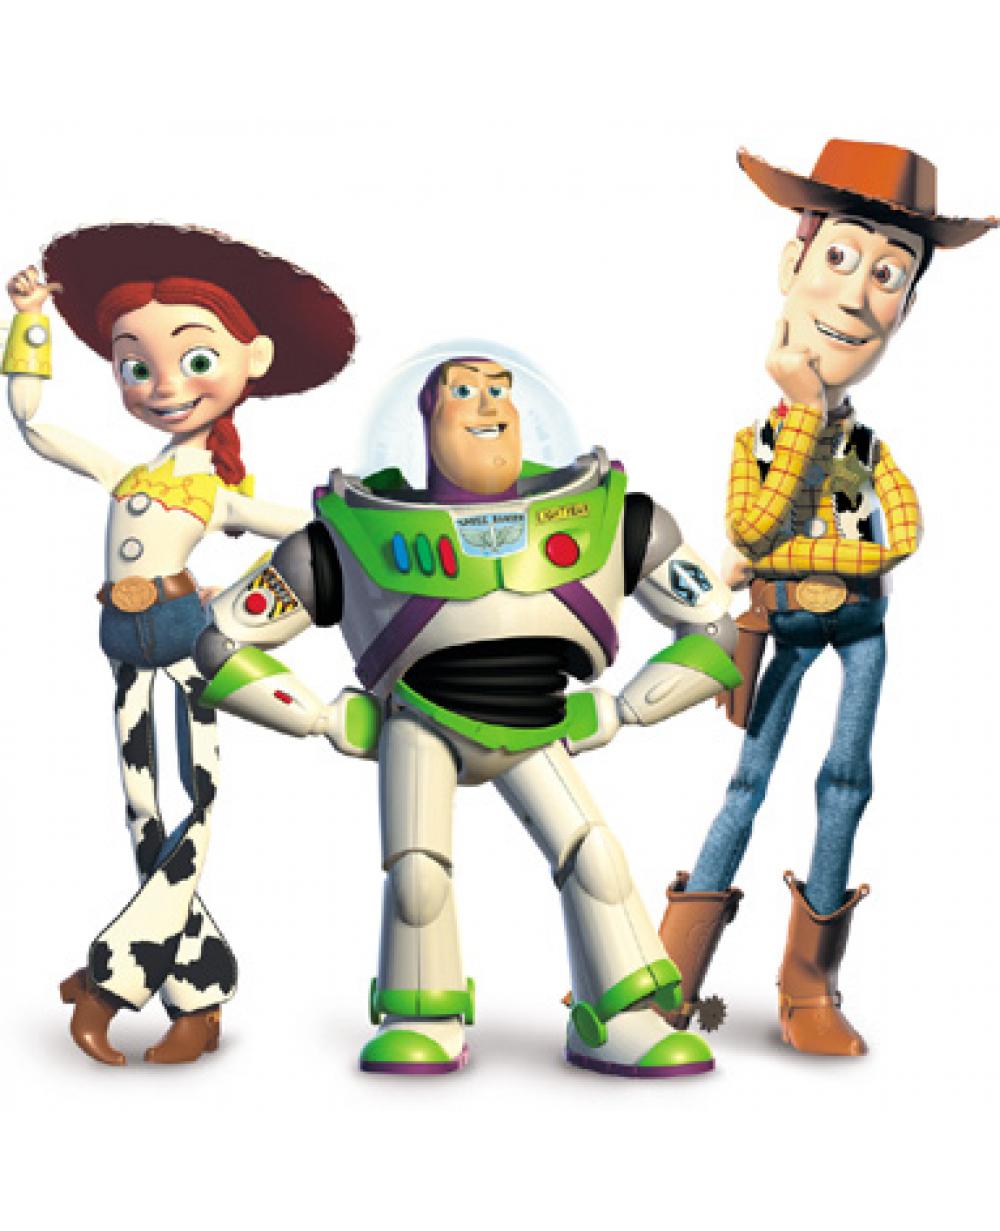 World Of Buzz: Jessie Toy Story Costume